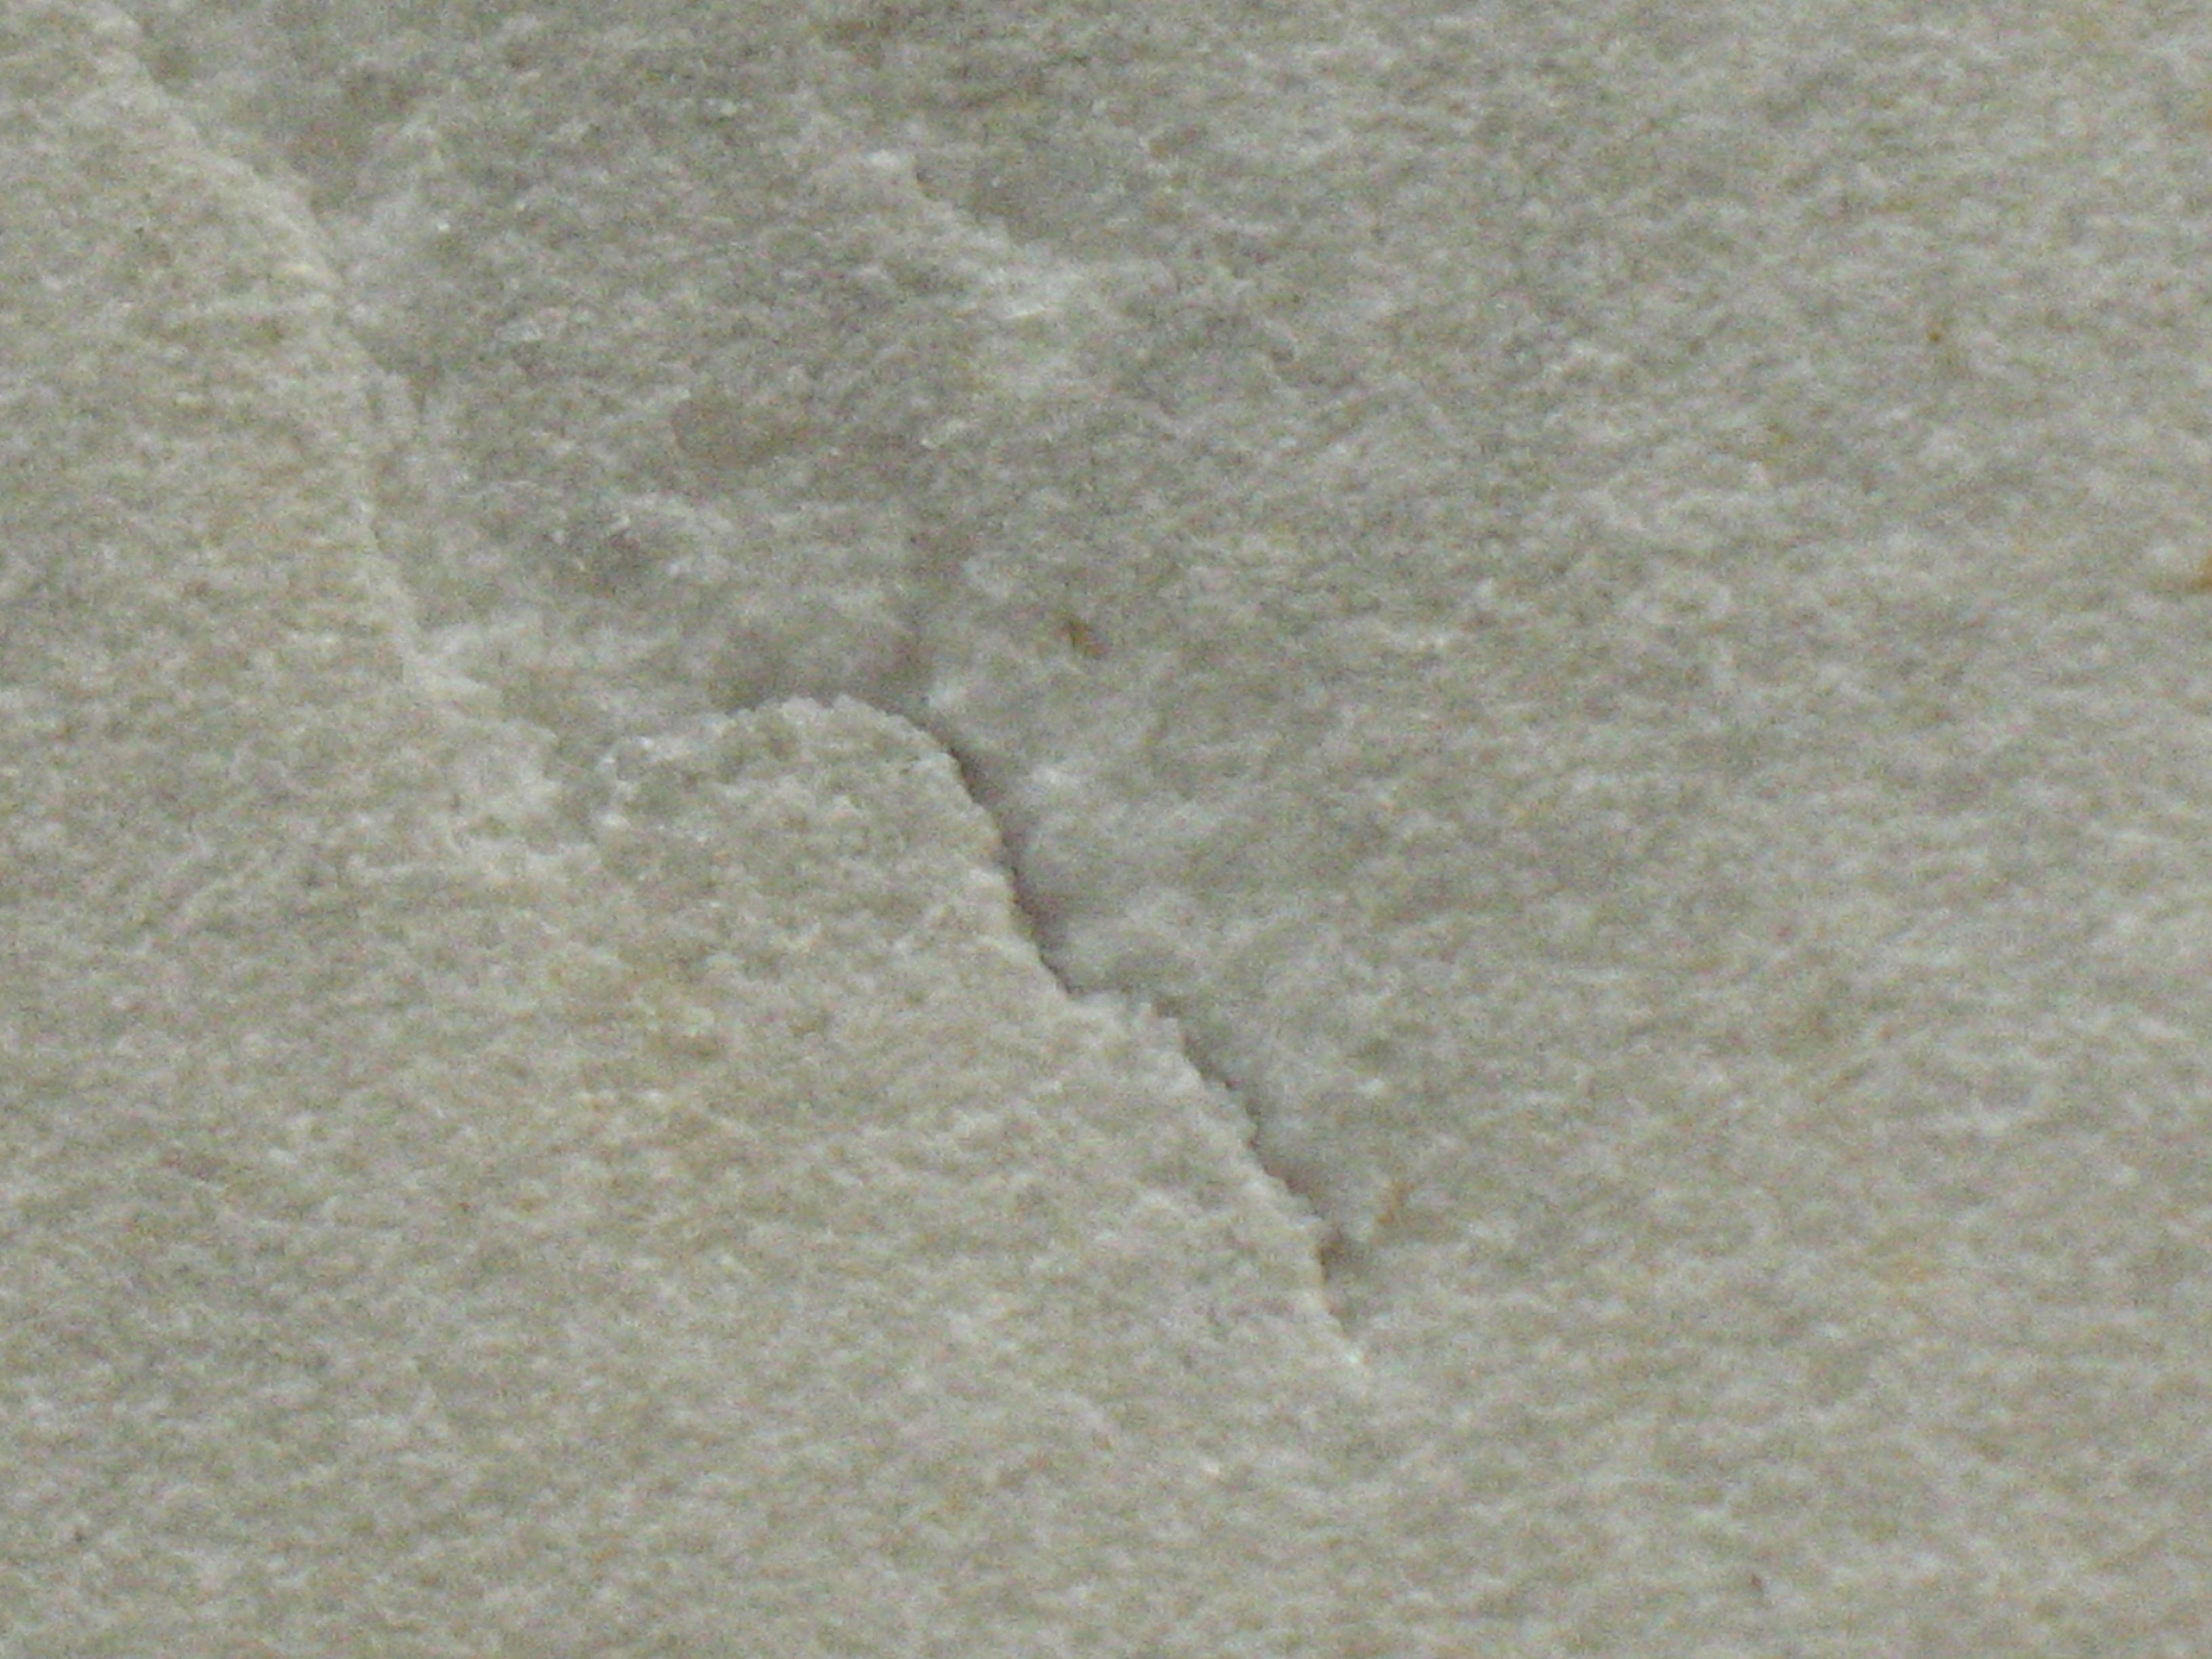 Трещина на белом мраморе